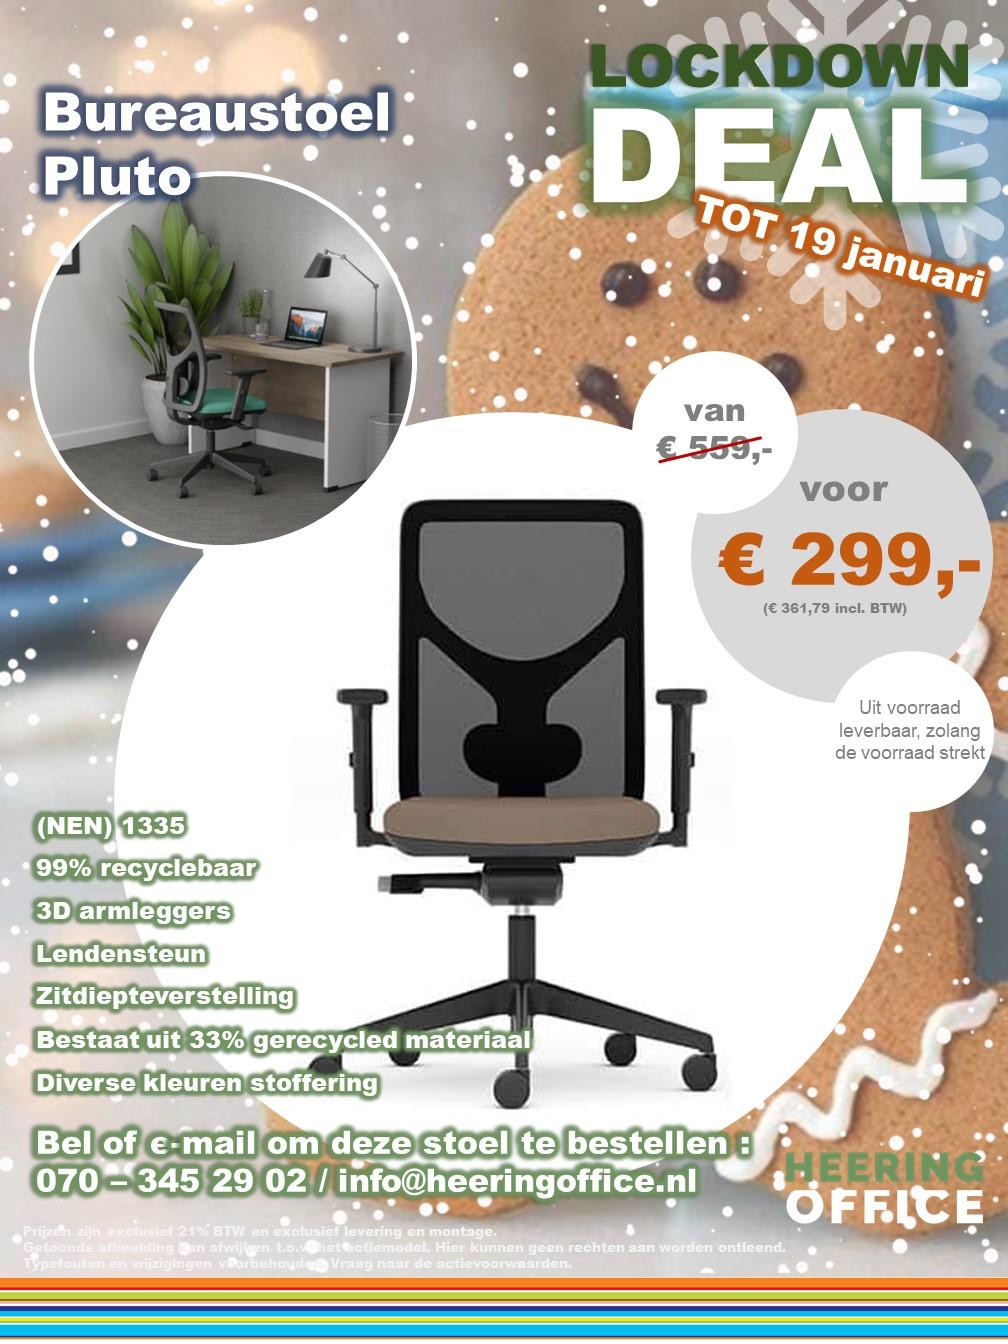 Pluto LockDown deal Heering Office Den Haa